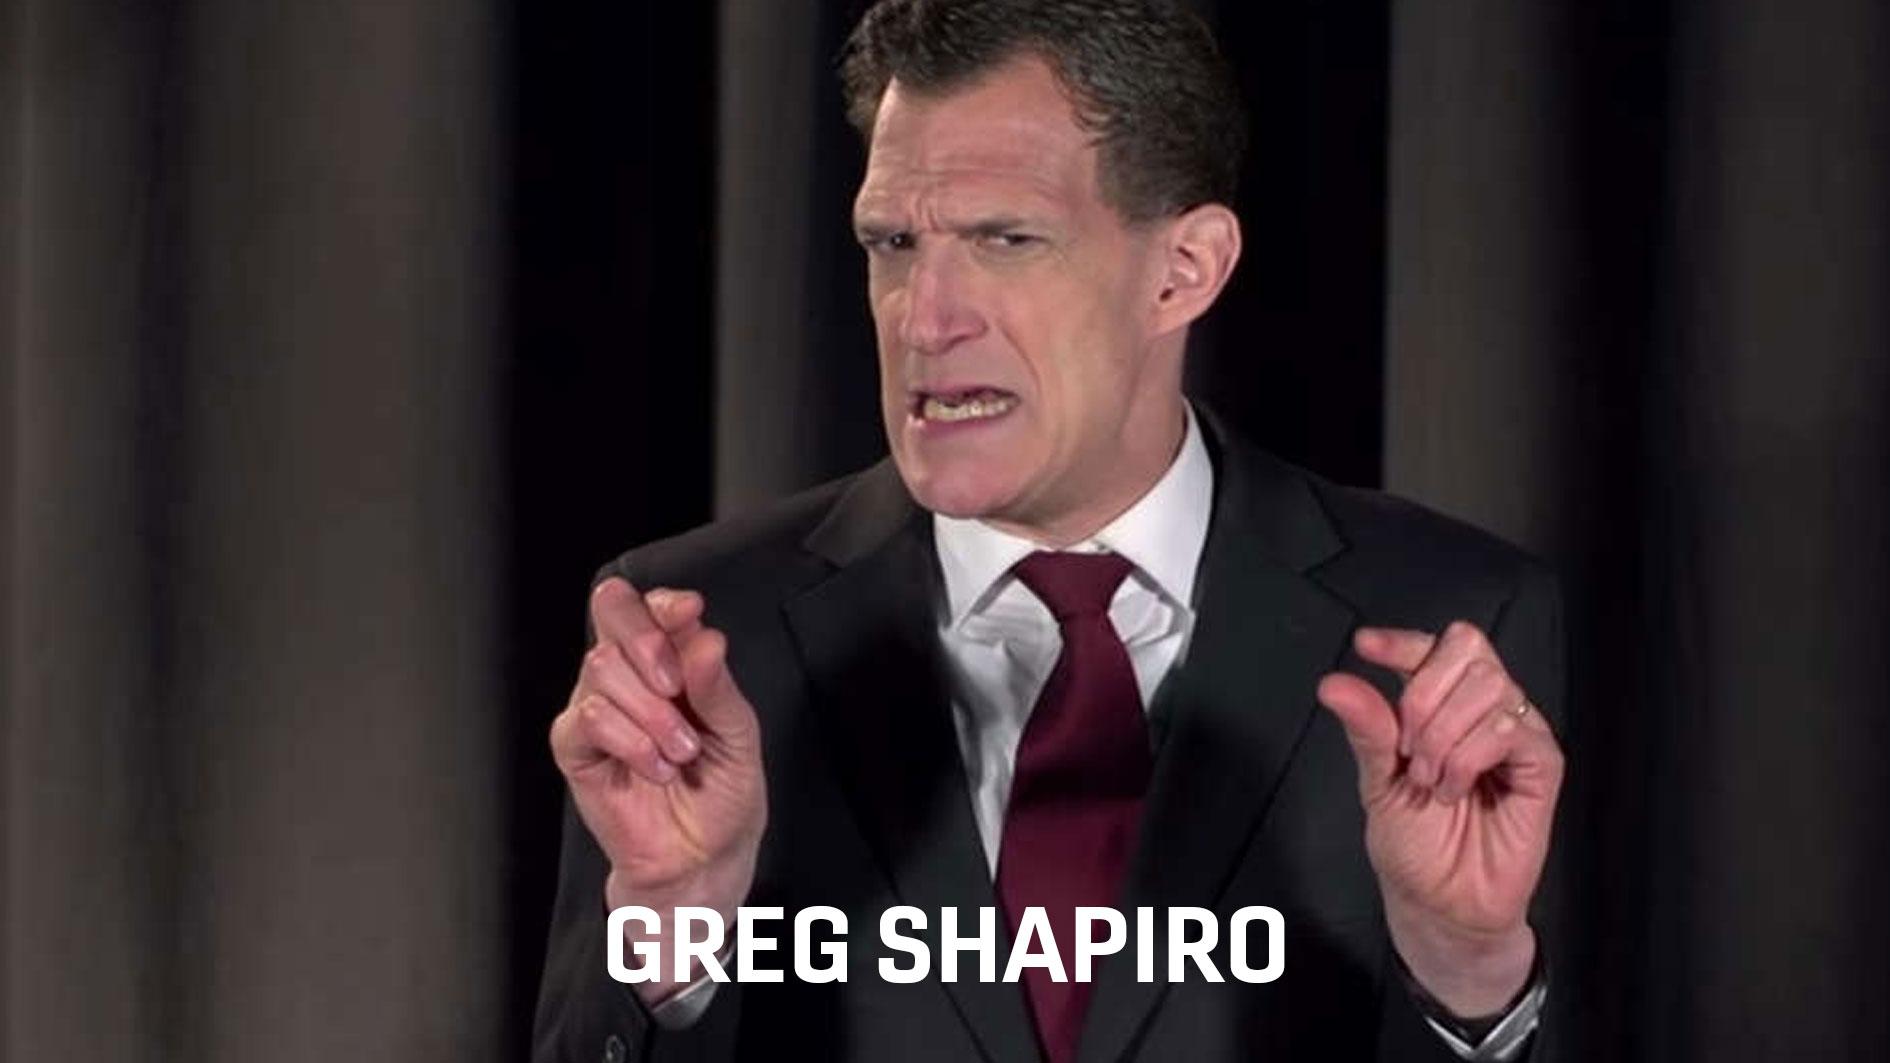 gregshapiro